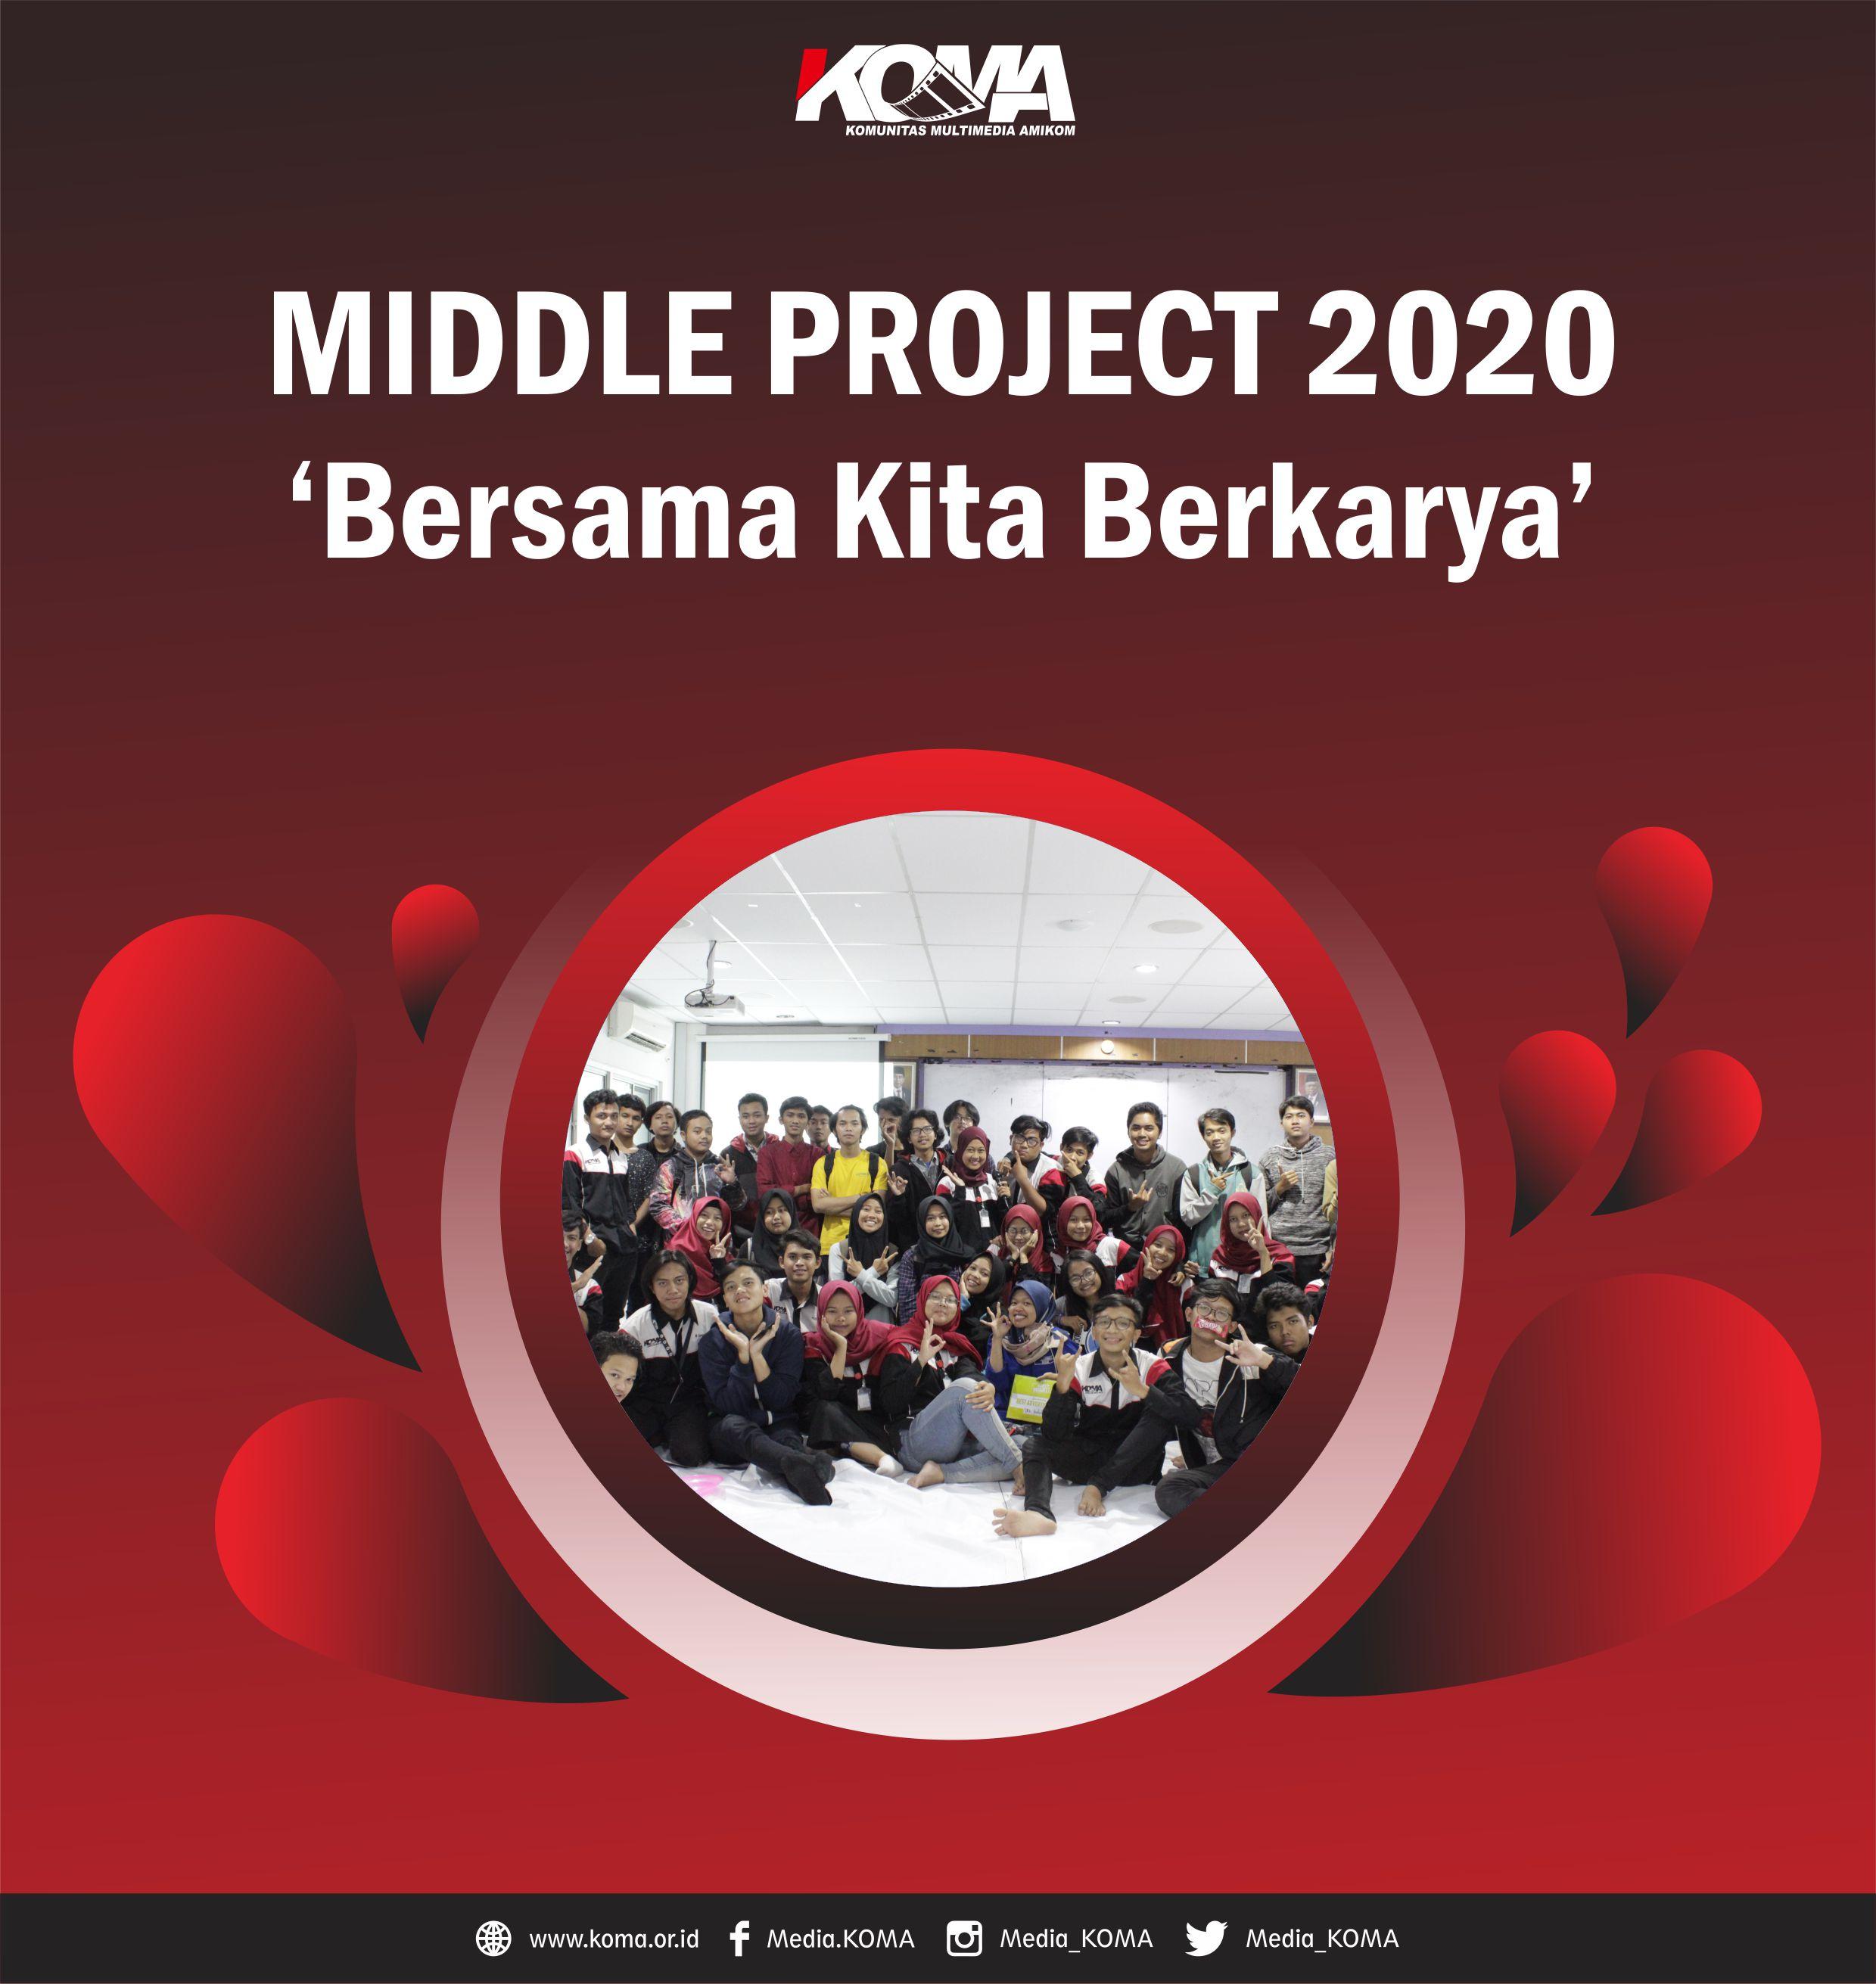 Middle-Project-2020-Bersama-Kita-Berkarya